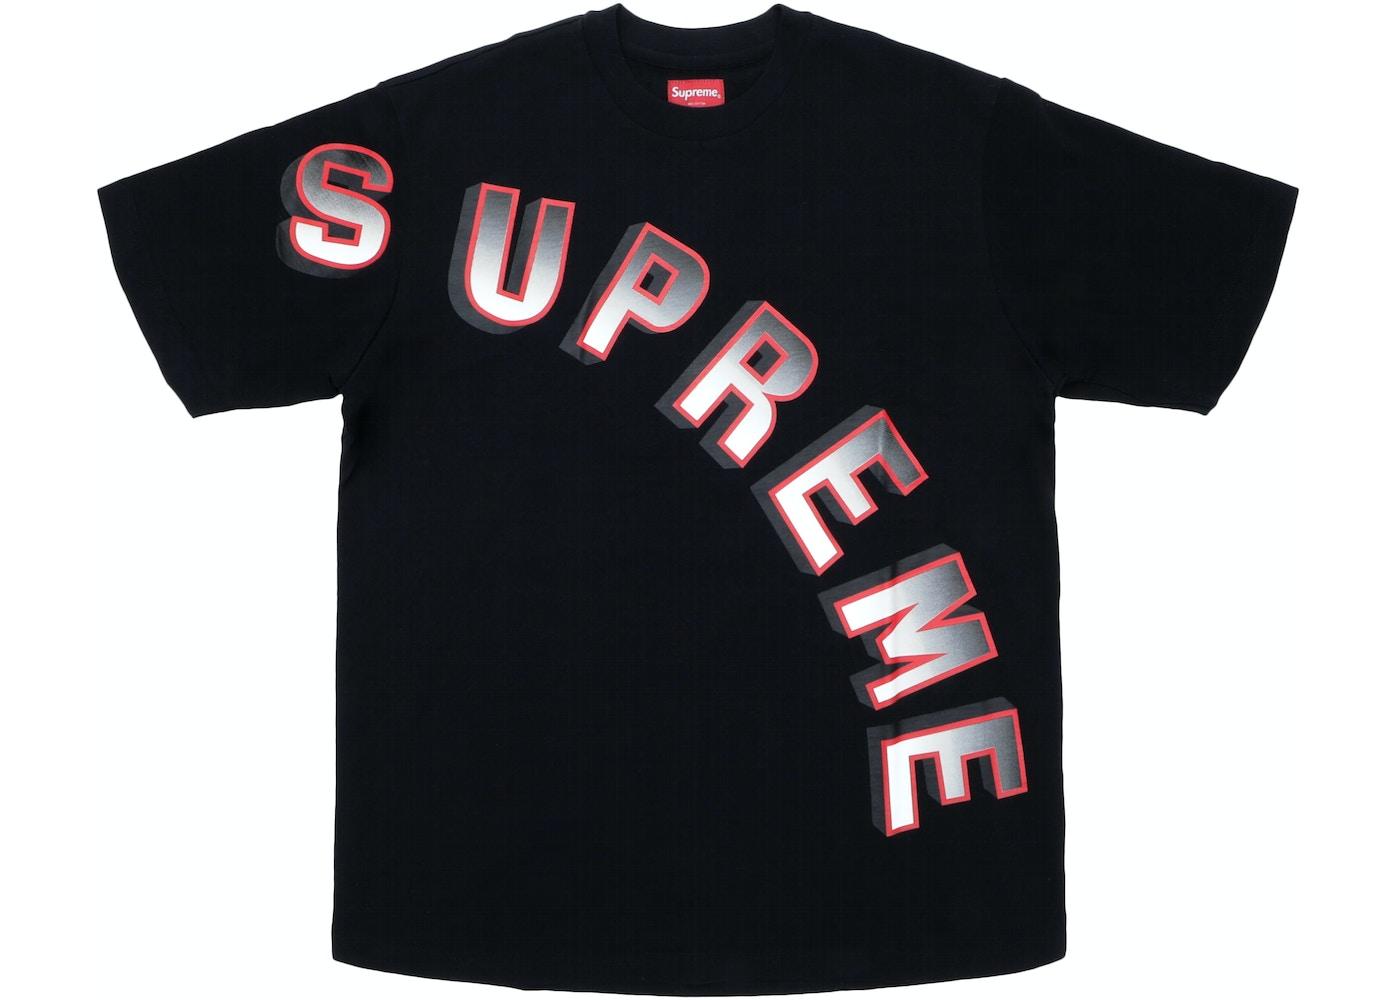 bd9378f93d8a Supreme Gradient Arc Top Black - SS18